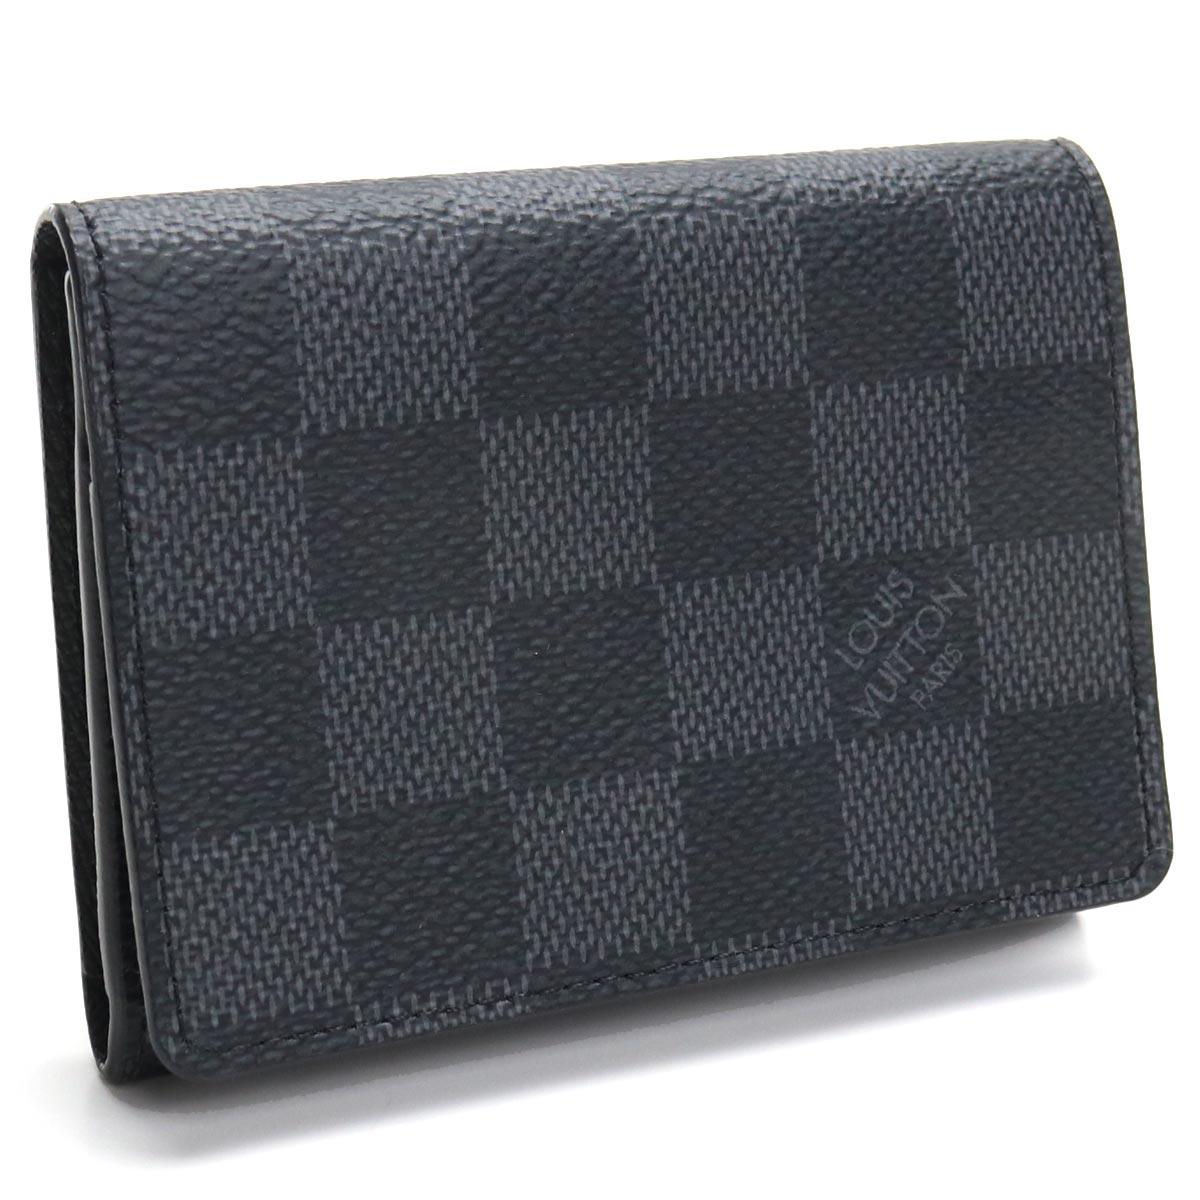 ルイ・ヴィトン LOUIS VUITTON グラフィット 名刺入れ アンヴェロップ・カルト ドゥ ヴィジット N63338 グラフィット グレー系 ブラック メンズ